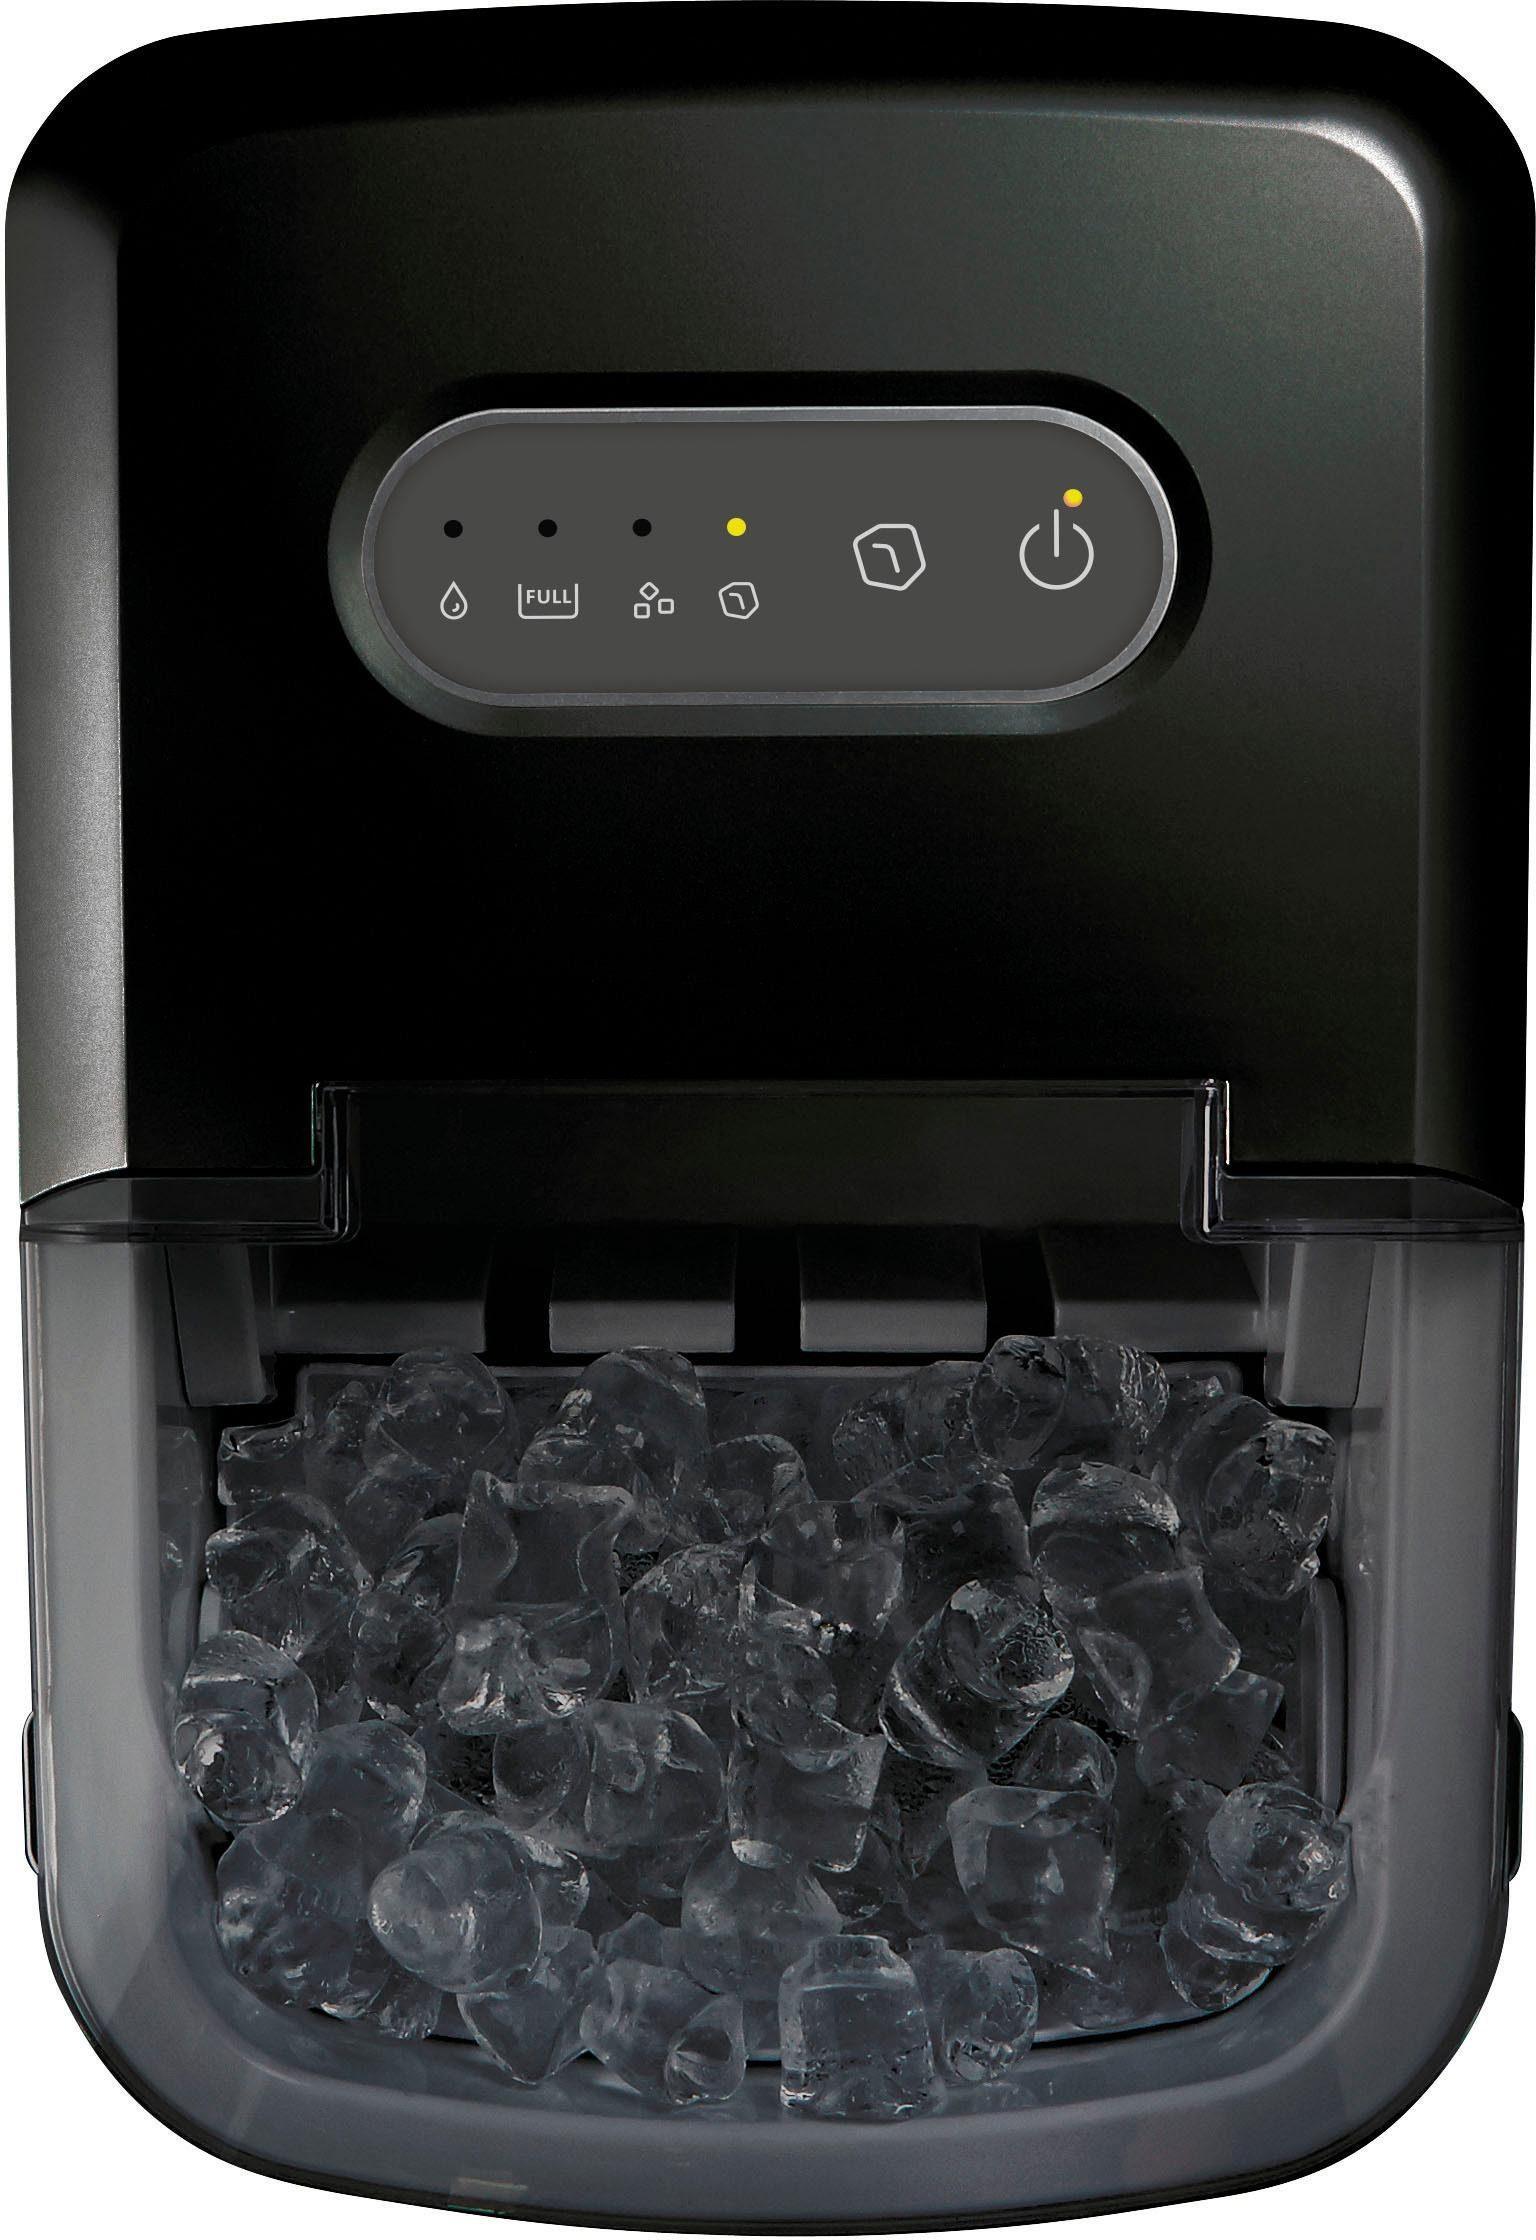 GORENJE Elektrischer Eiswürfelbereiter IMC1200B, für bis zu 12kg Eiswürfel am Tag